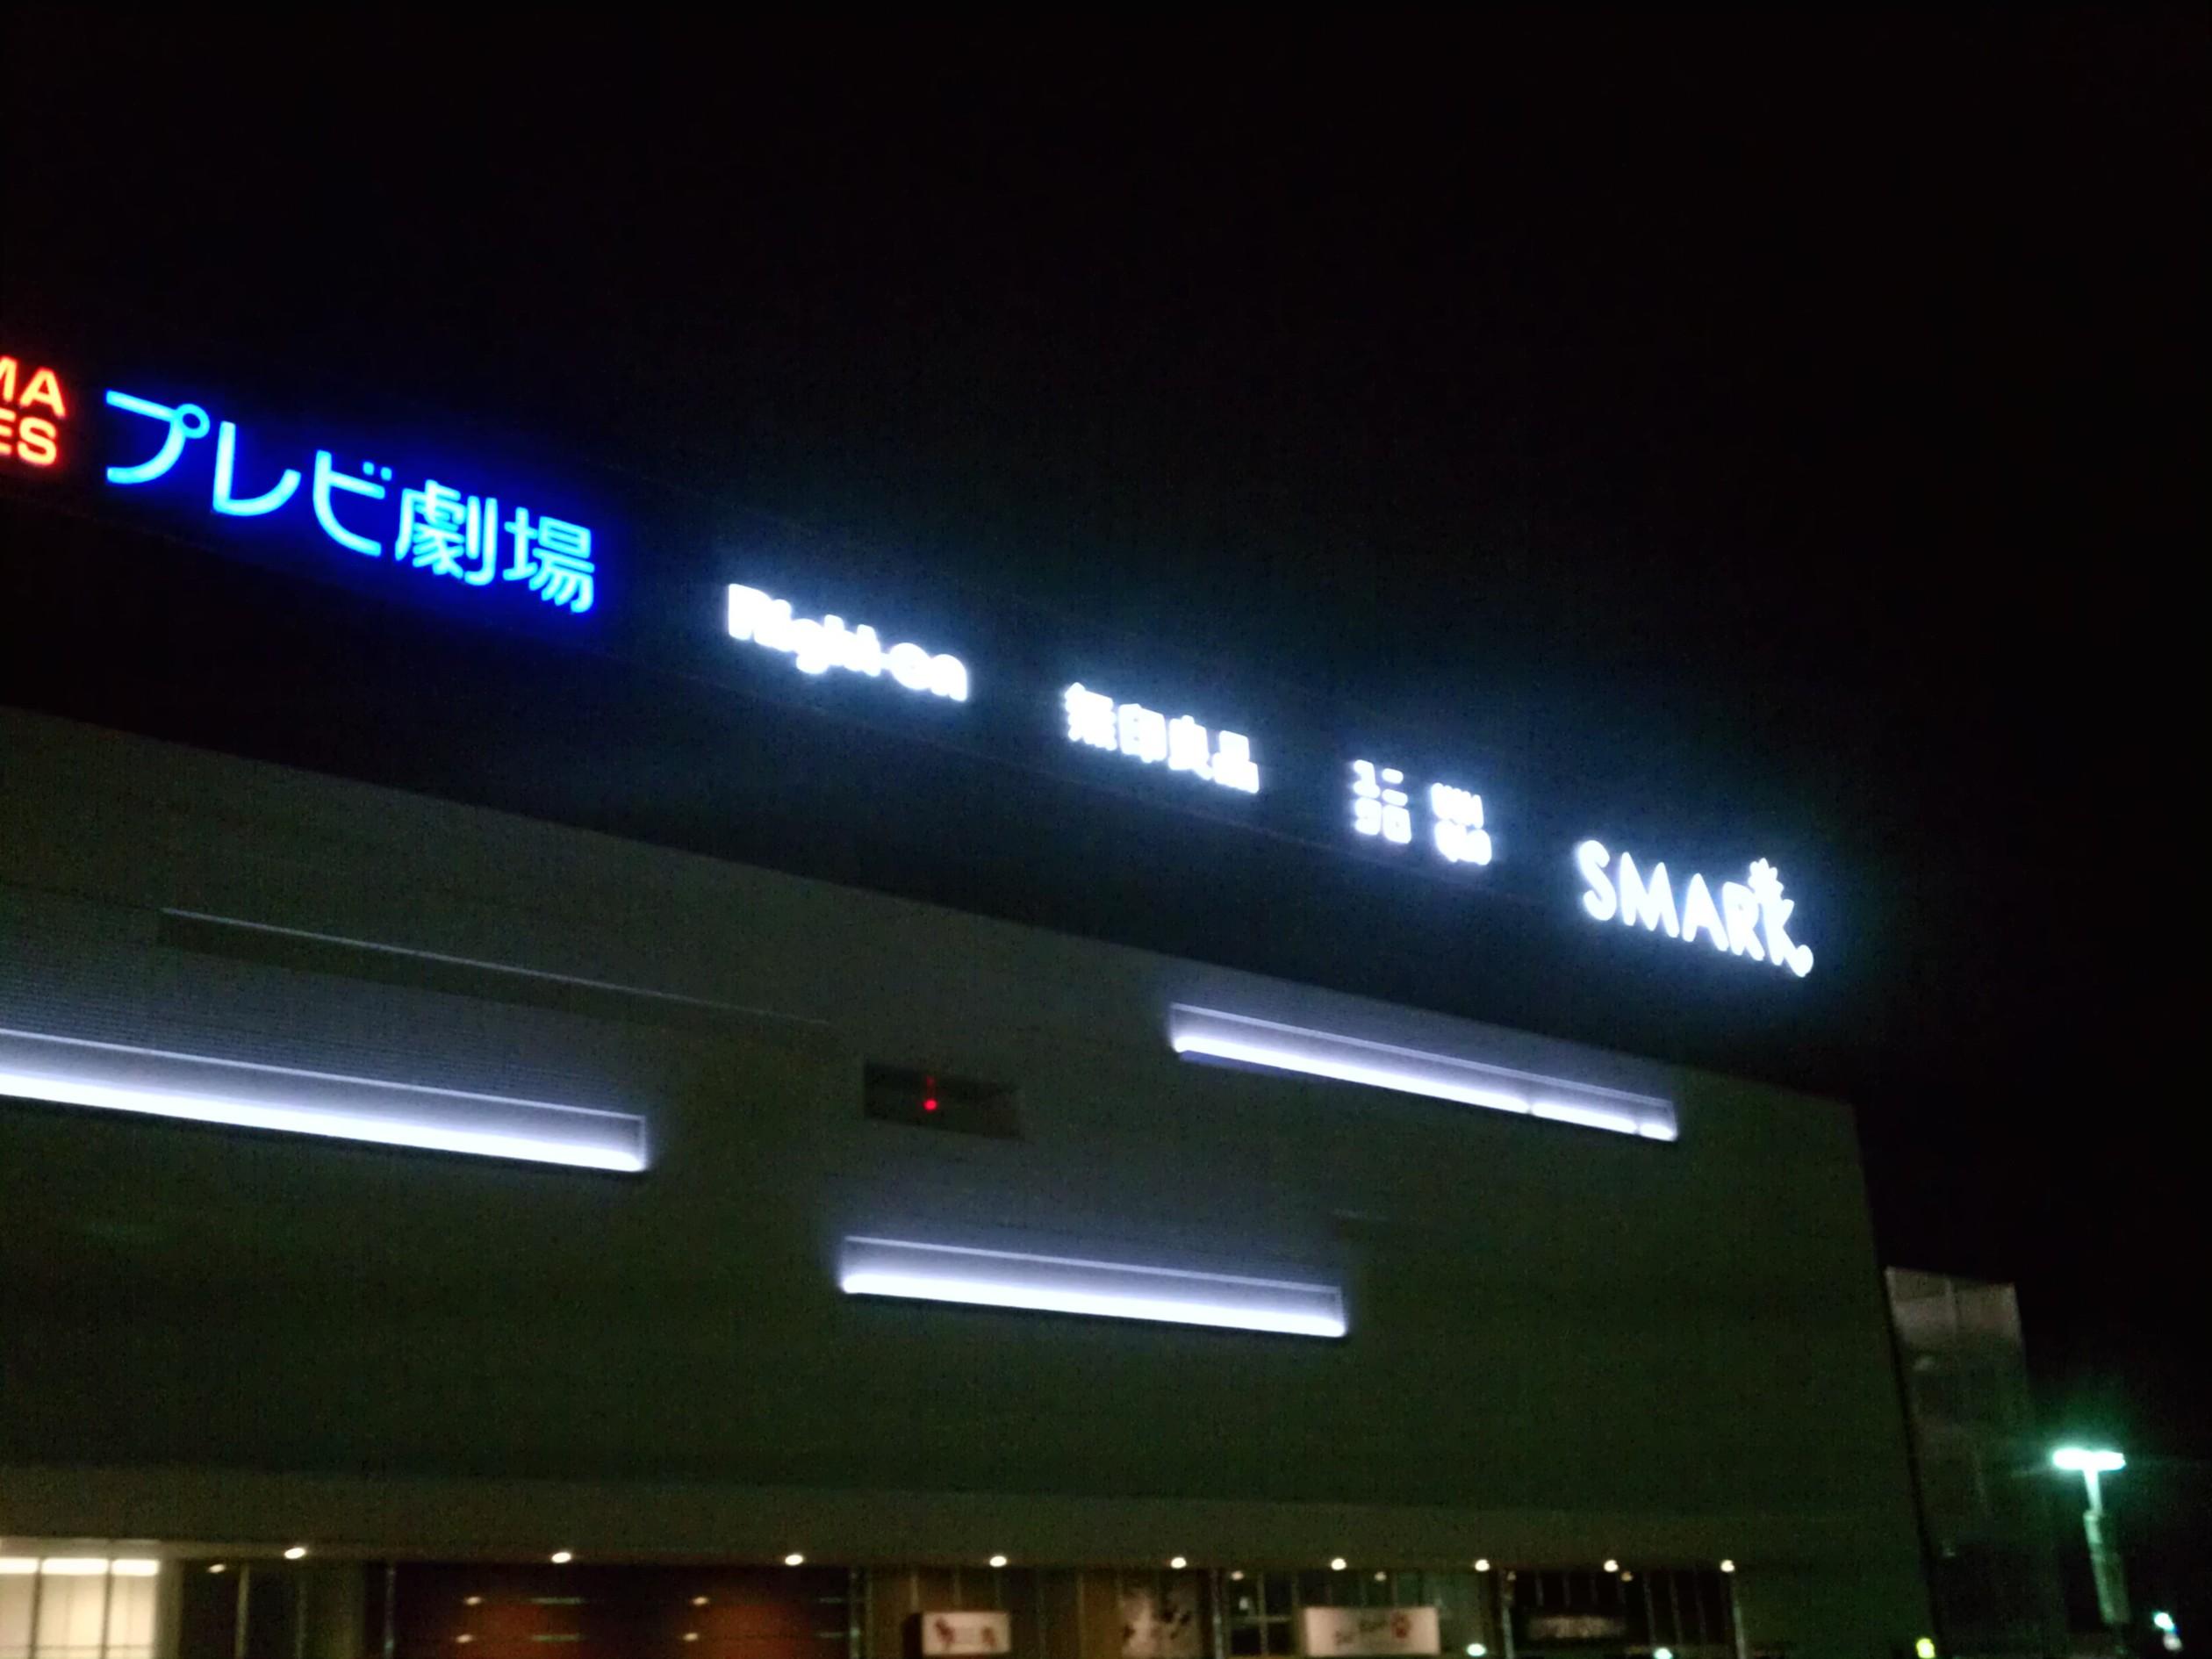 カルディコーヒーファーム スマーク伊勢崎店